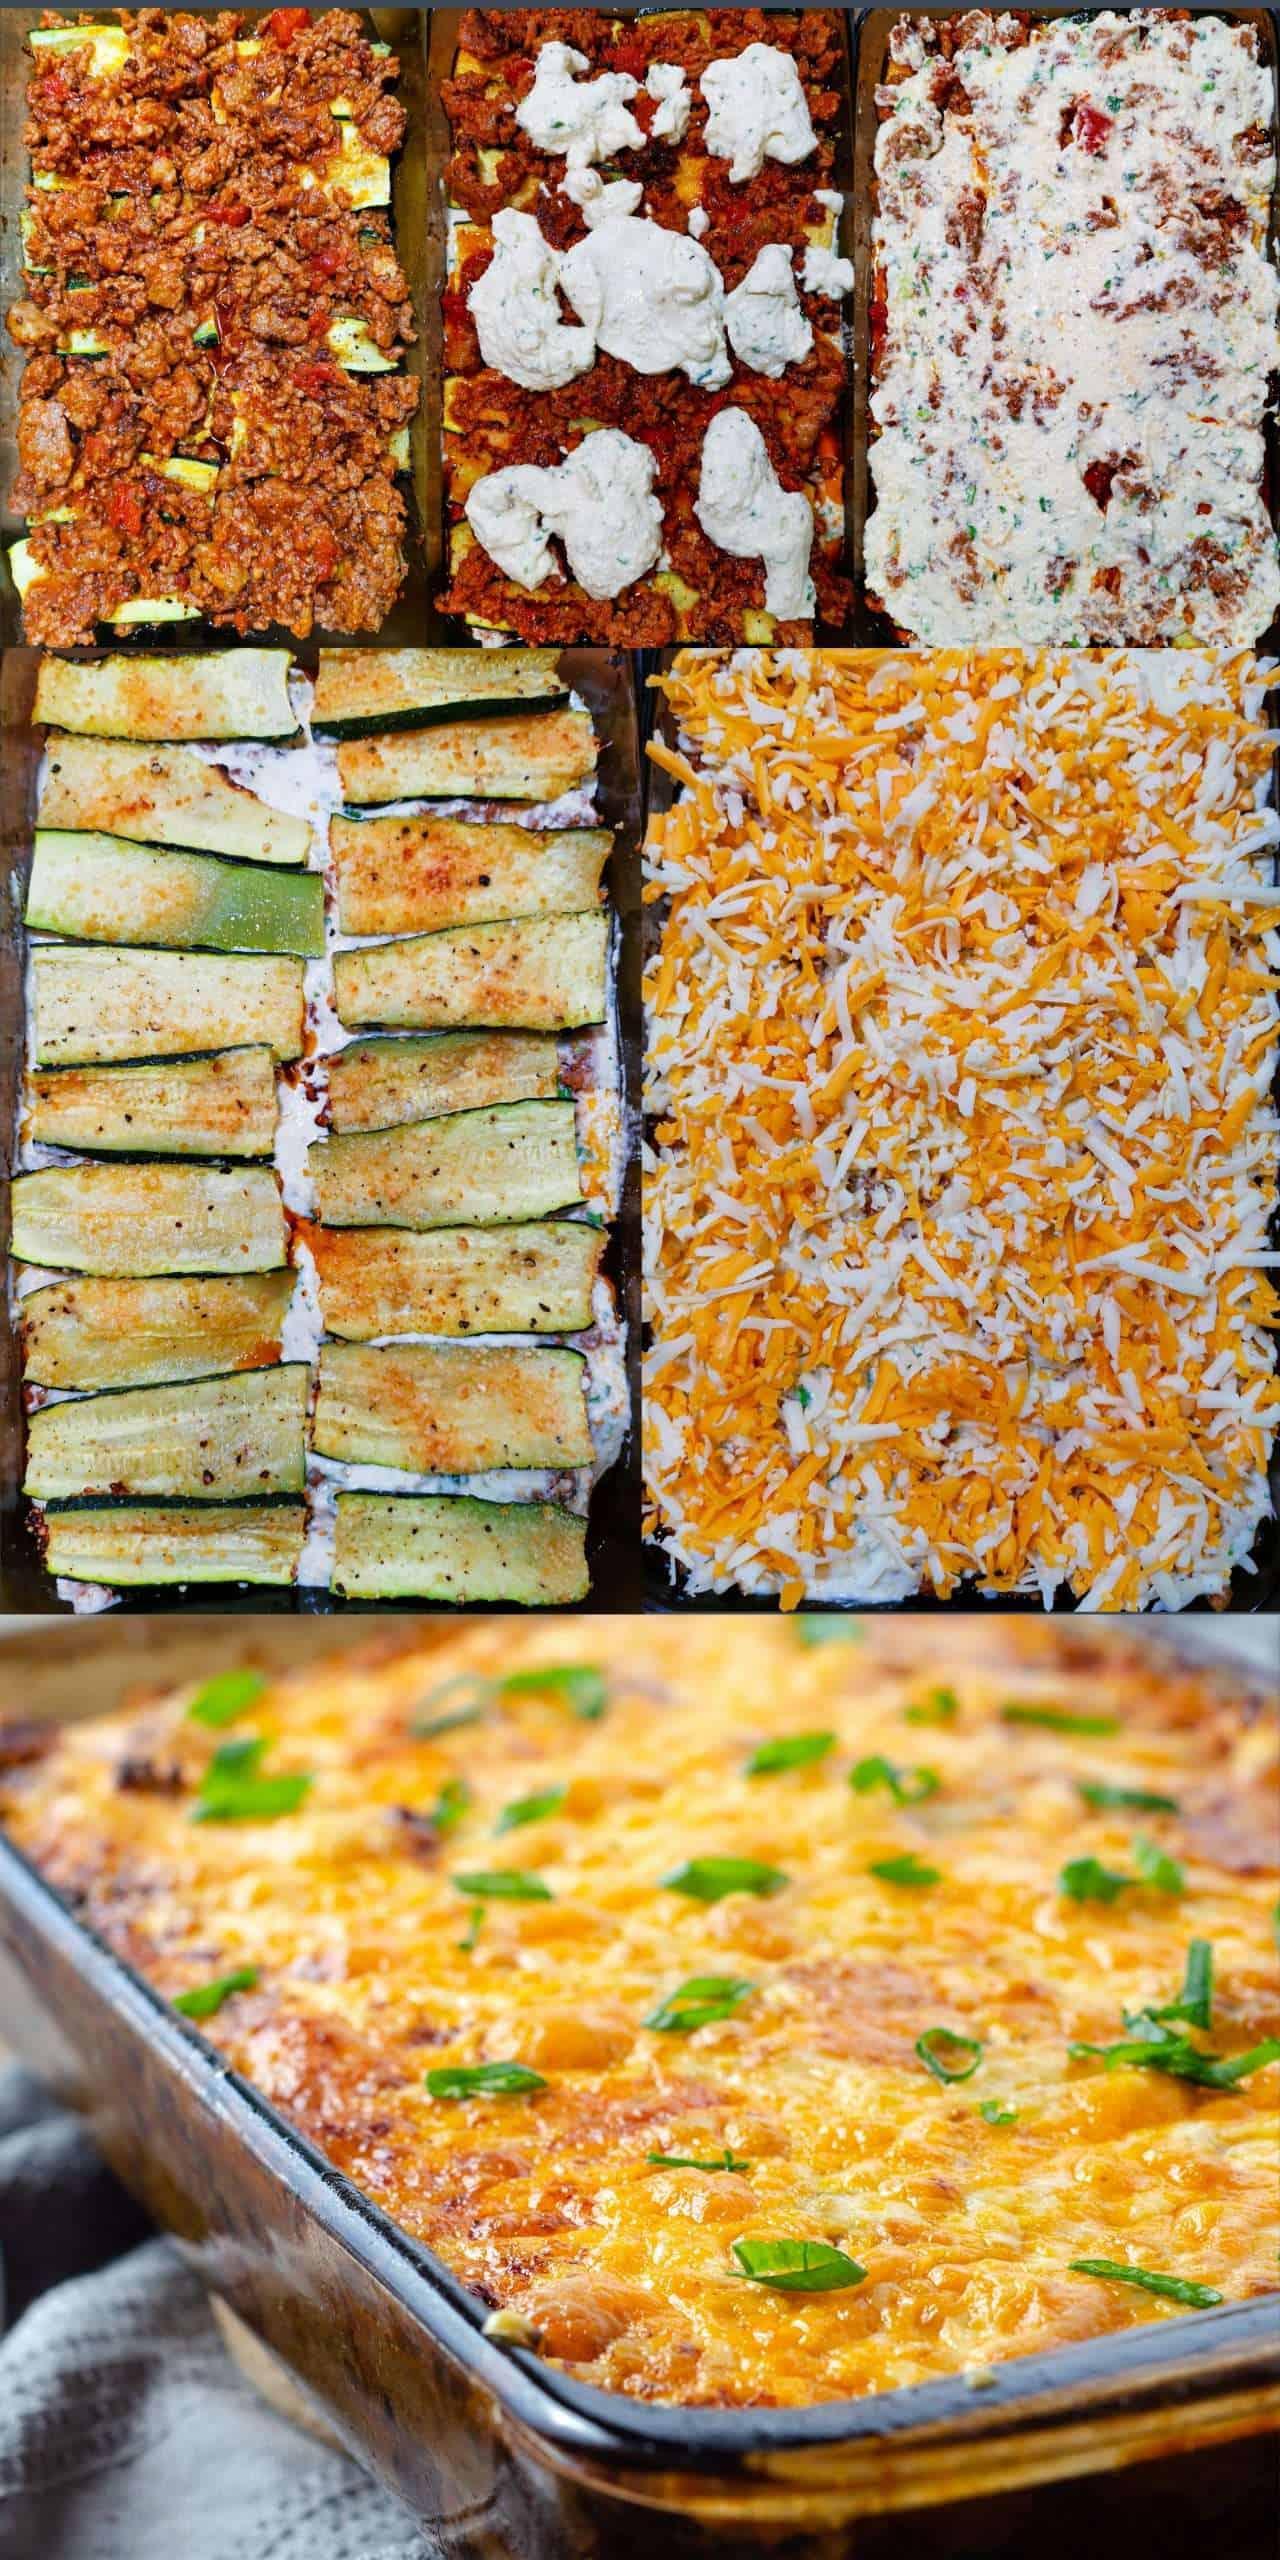 Recipe sequence image for layering keto zucchini lasagna